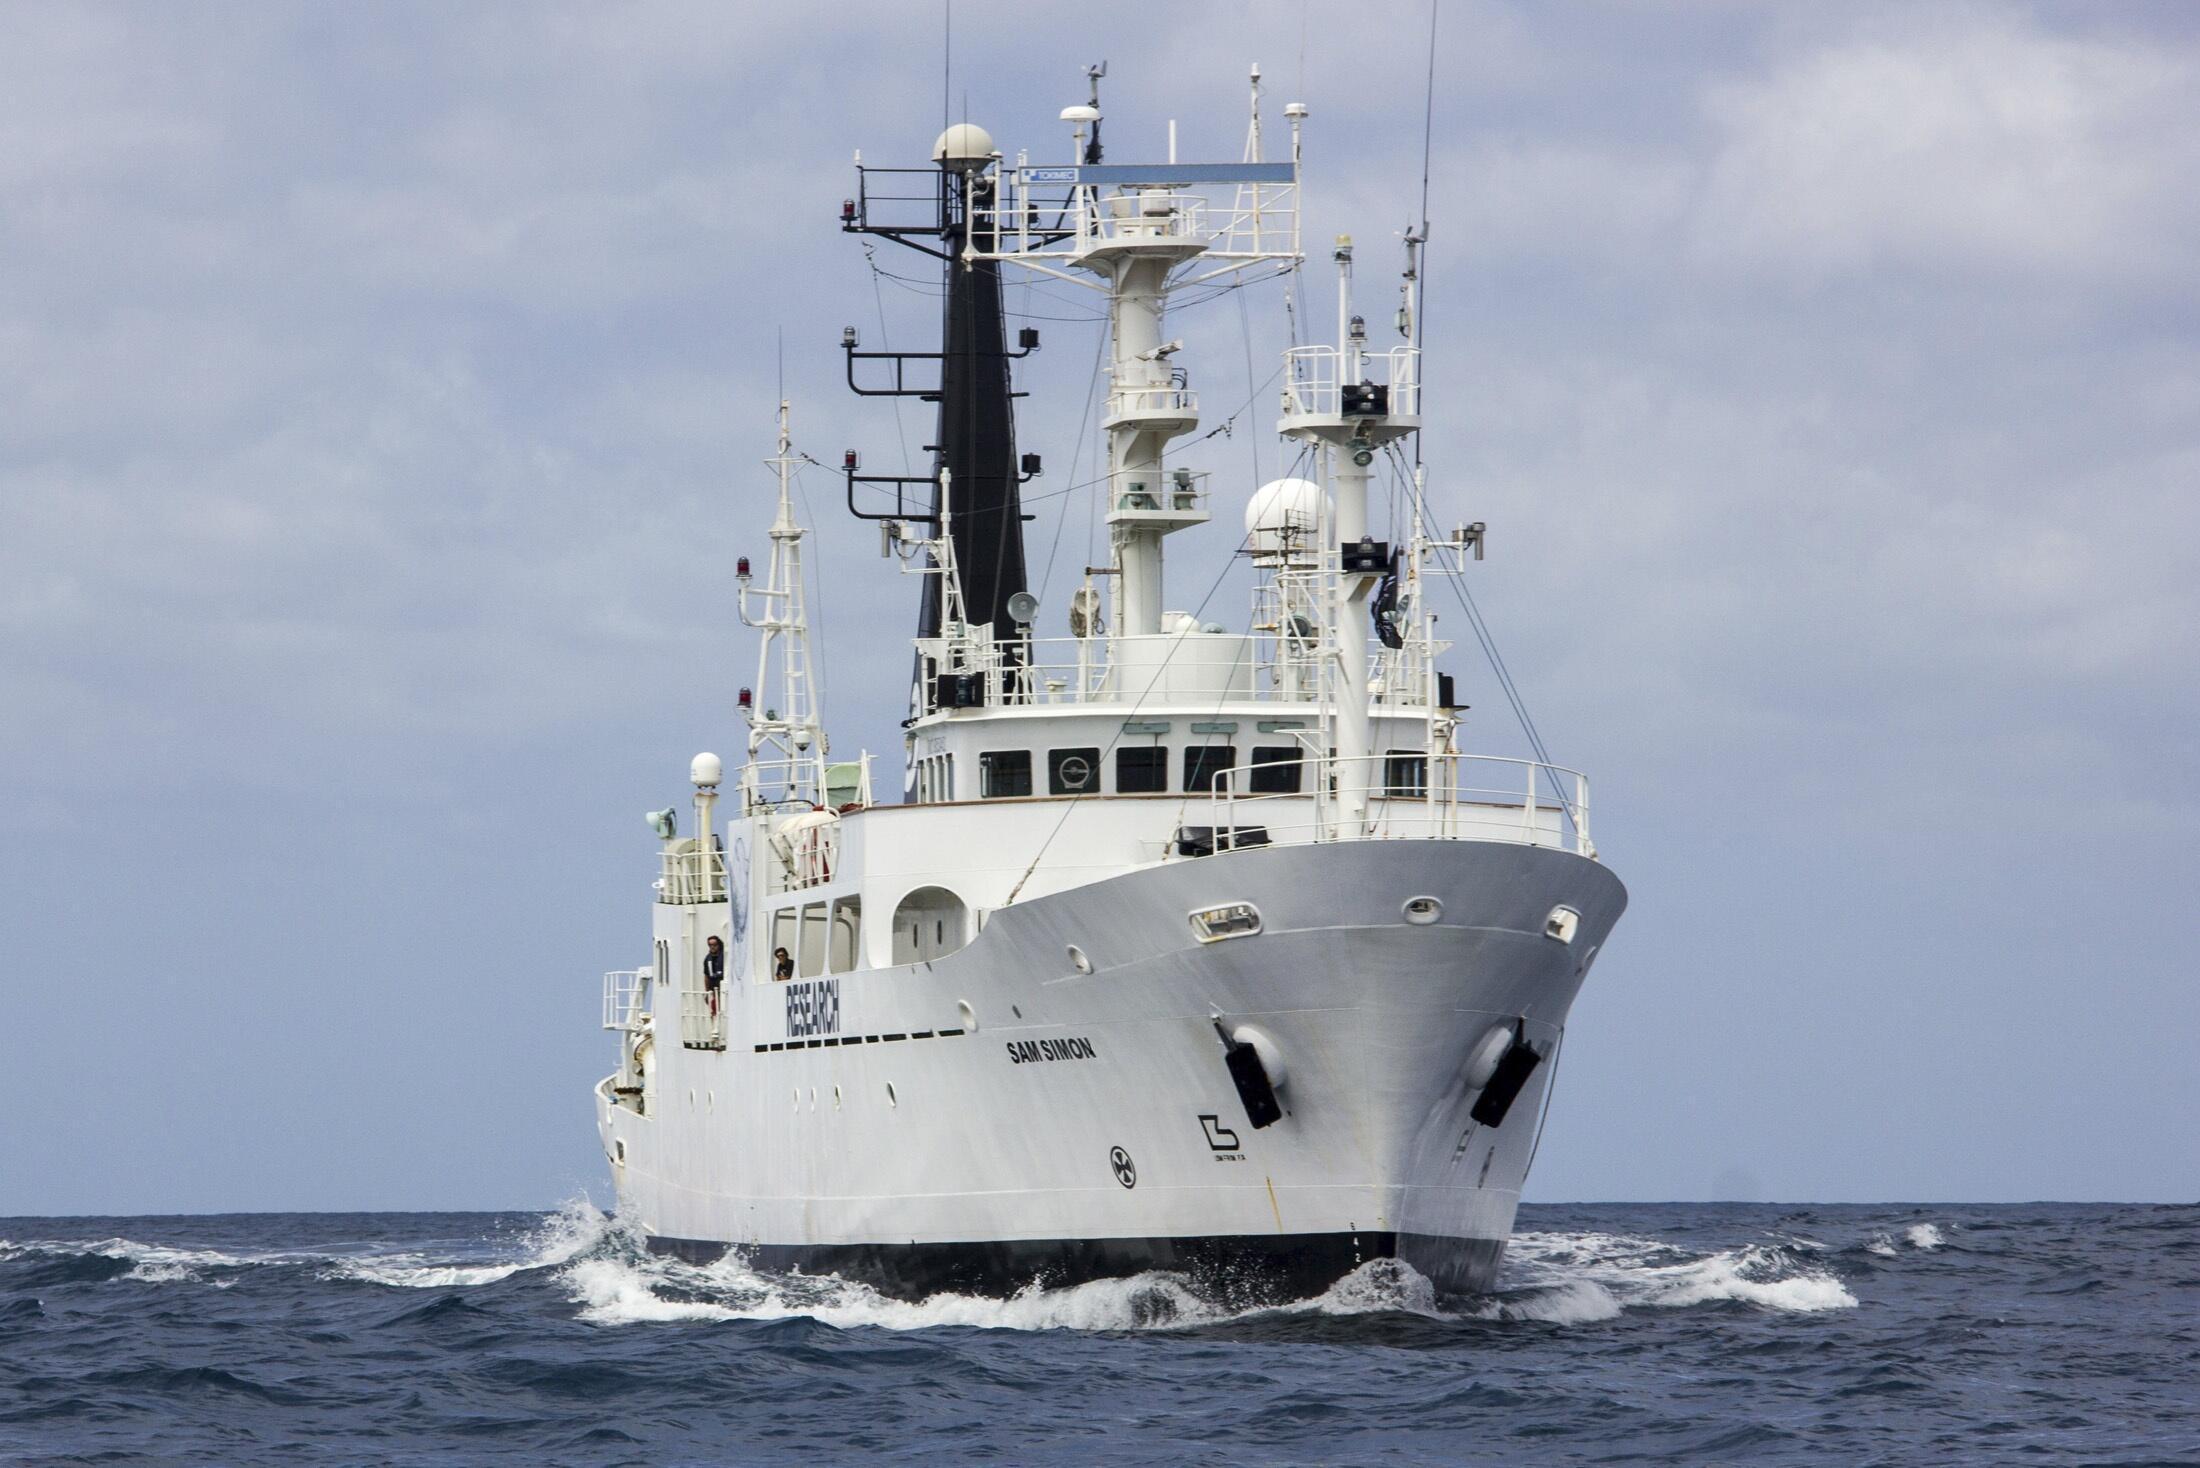 L'un des quatre navires déployés par Sea Shepherd pour traquer les chasseurs de baleines.